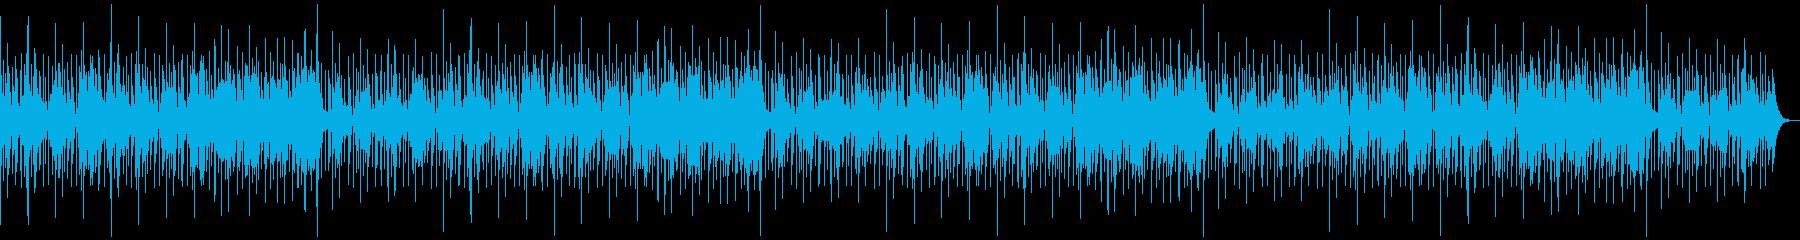 ボサノバ・おしゃれ・電子書籍・ラジオの再生済みの波形